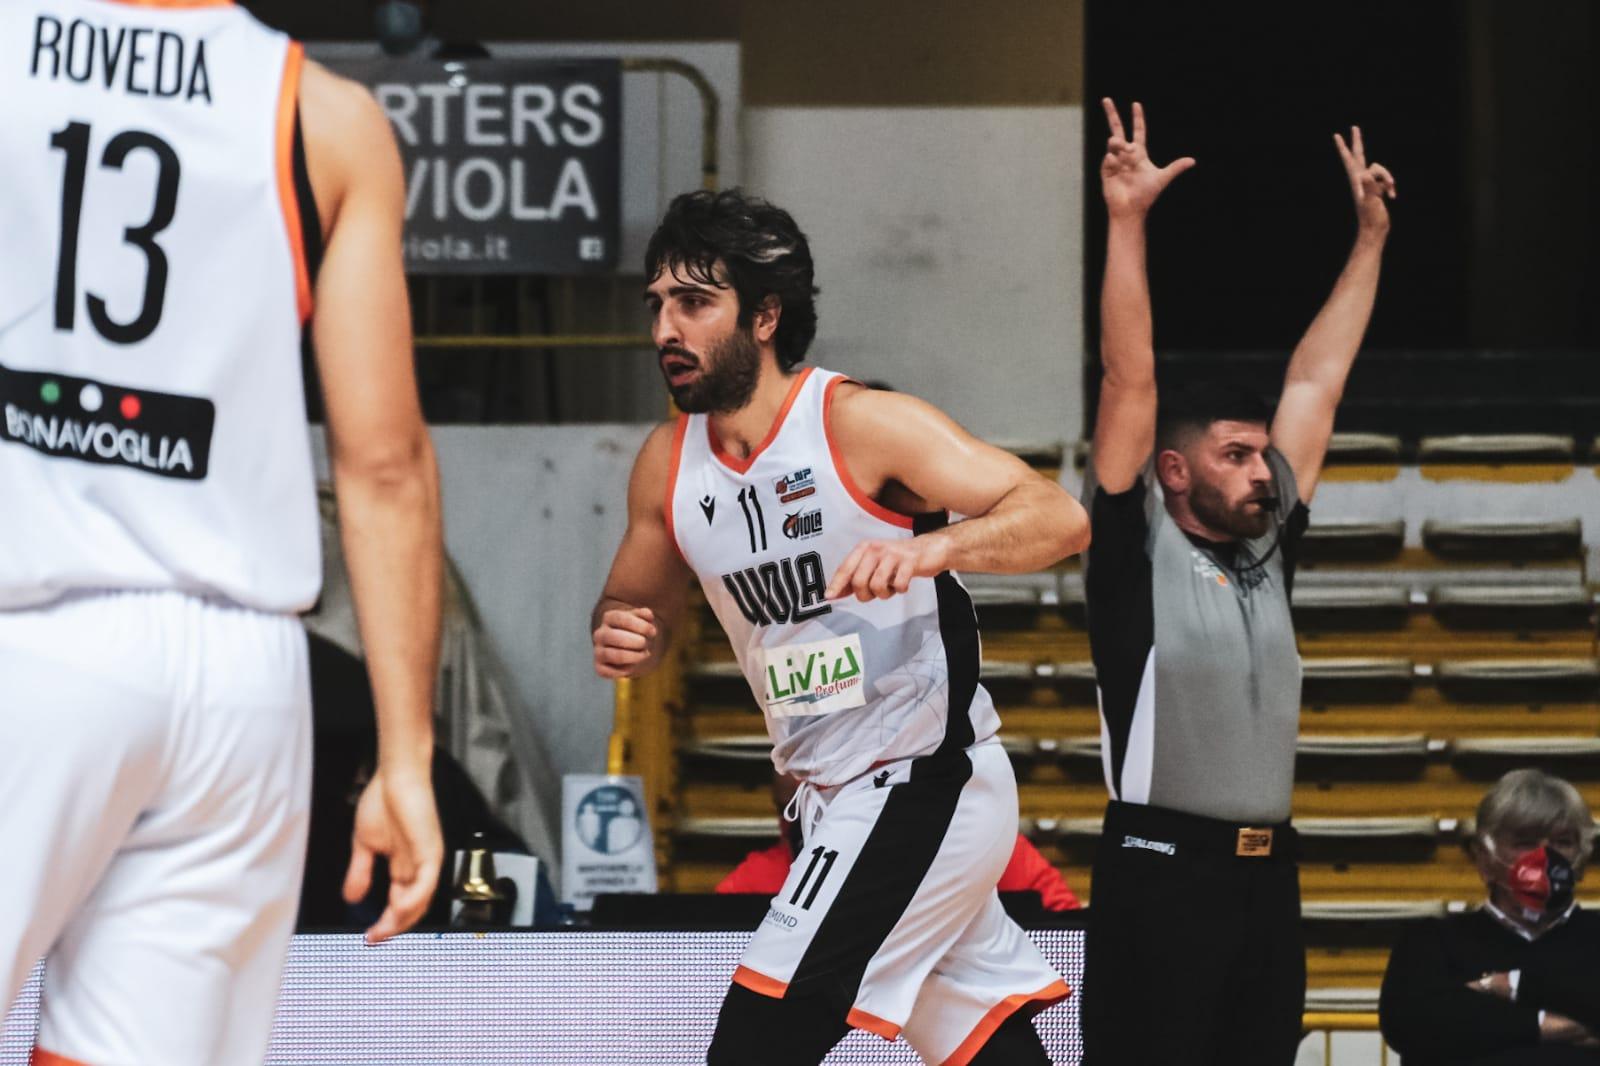 Risultati e classifica Serie B girone D 5ª giornata fase a orologio: Pallacanestro Viola ko, in coda vince solo Pozzuoli